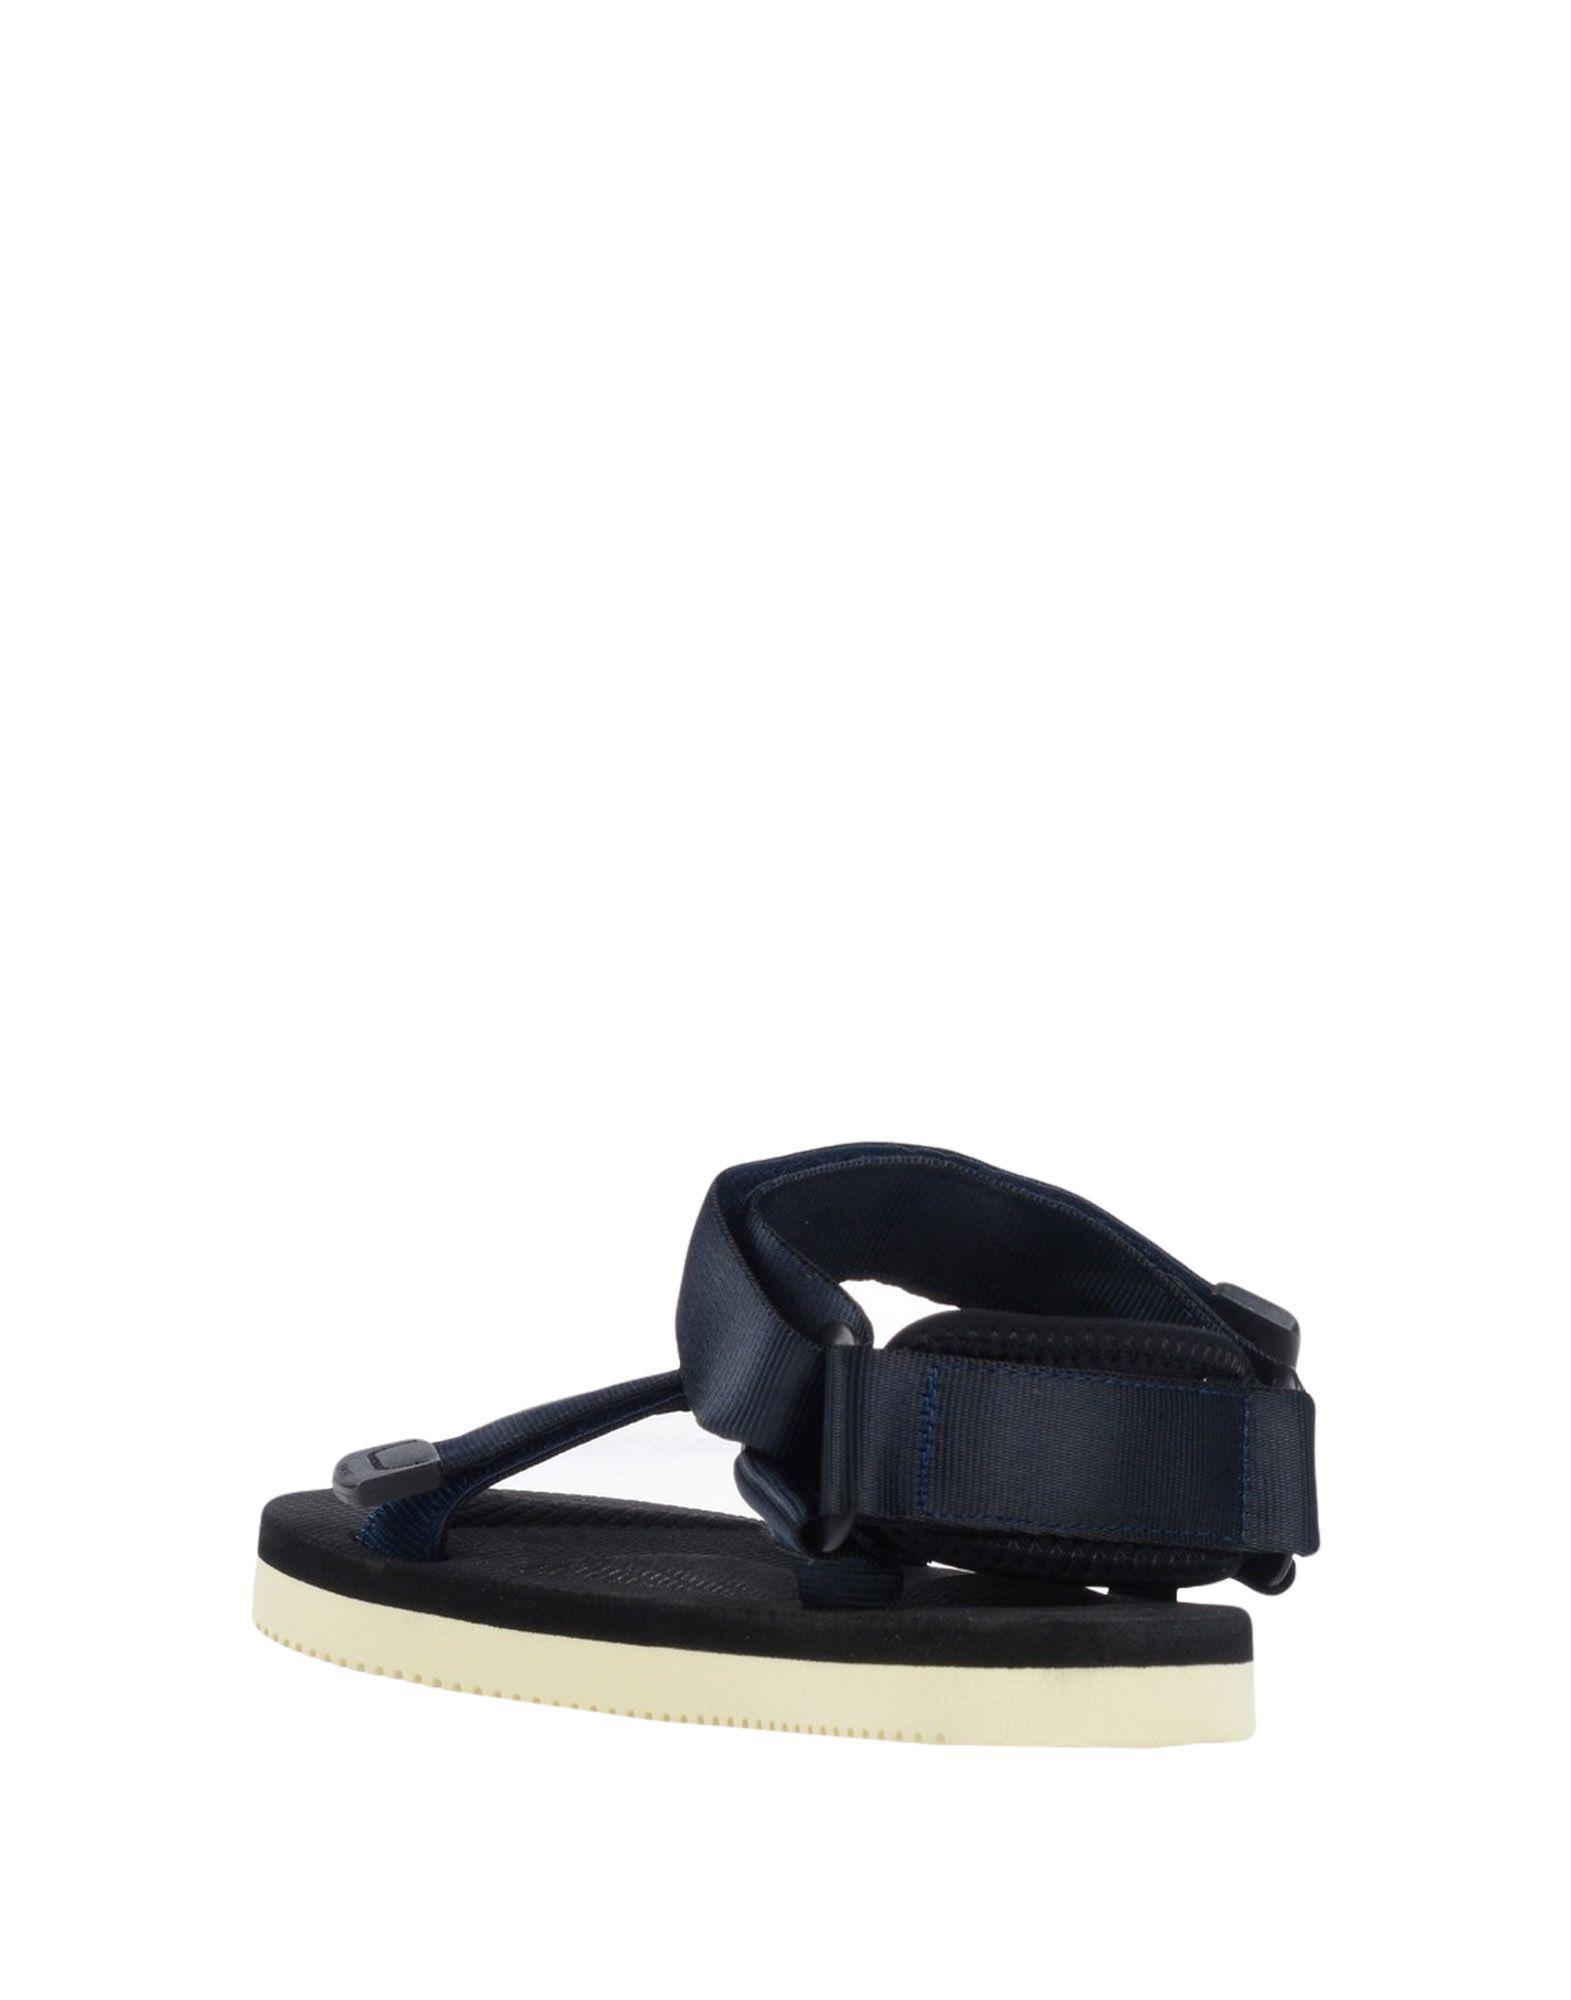 4803130b7161 Lyst - Suicoke Sandals in Blue for Men